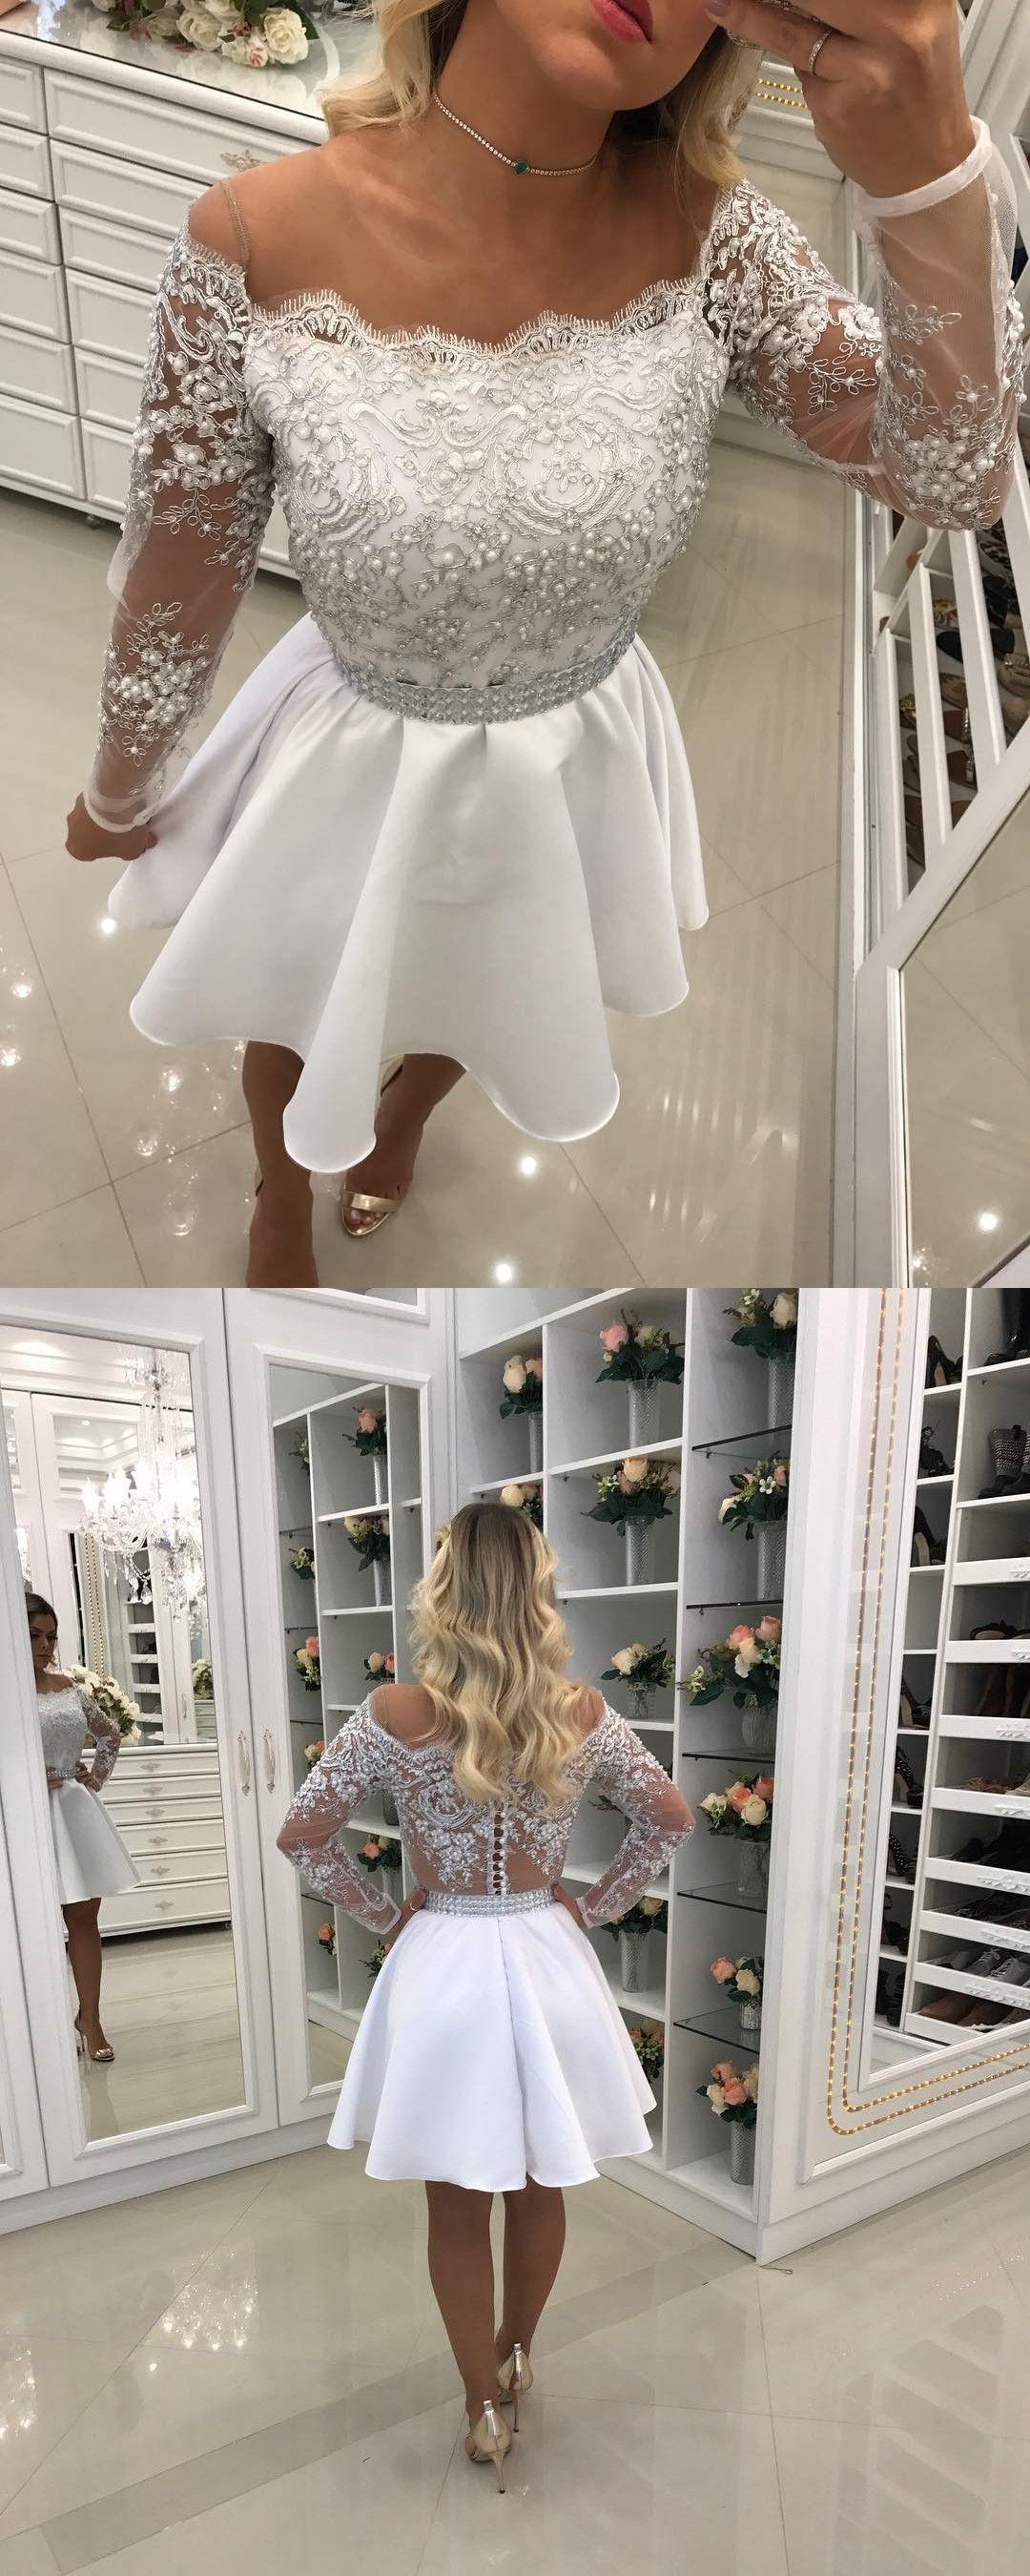 Short white dresses for wedding reception  homecoming dresses wedding reception dresses  short homecoming